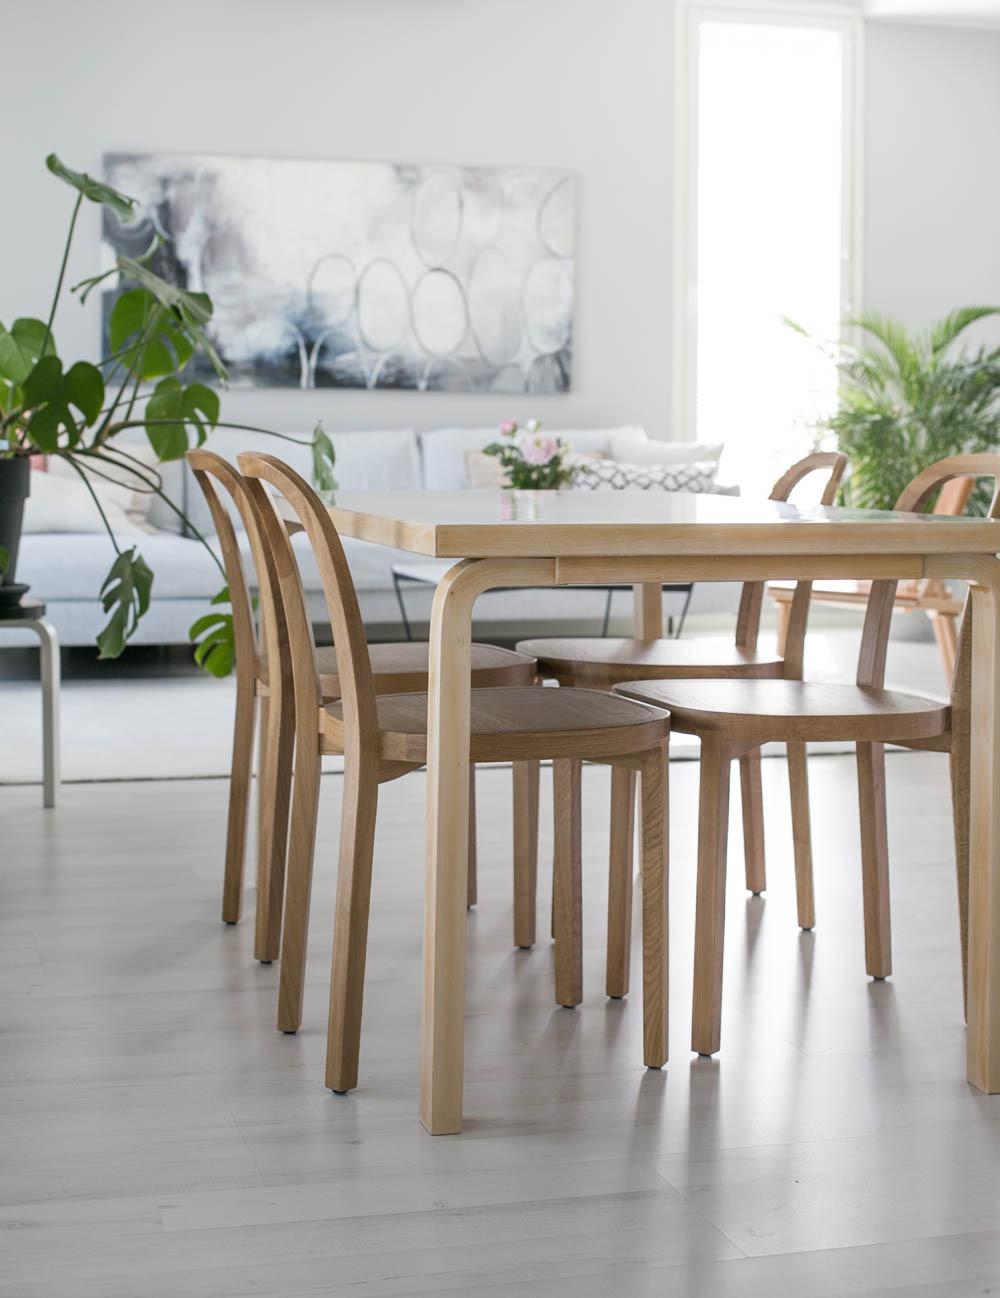 Artekin pöytä-löytö